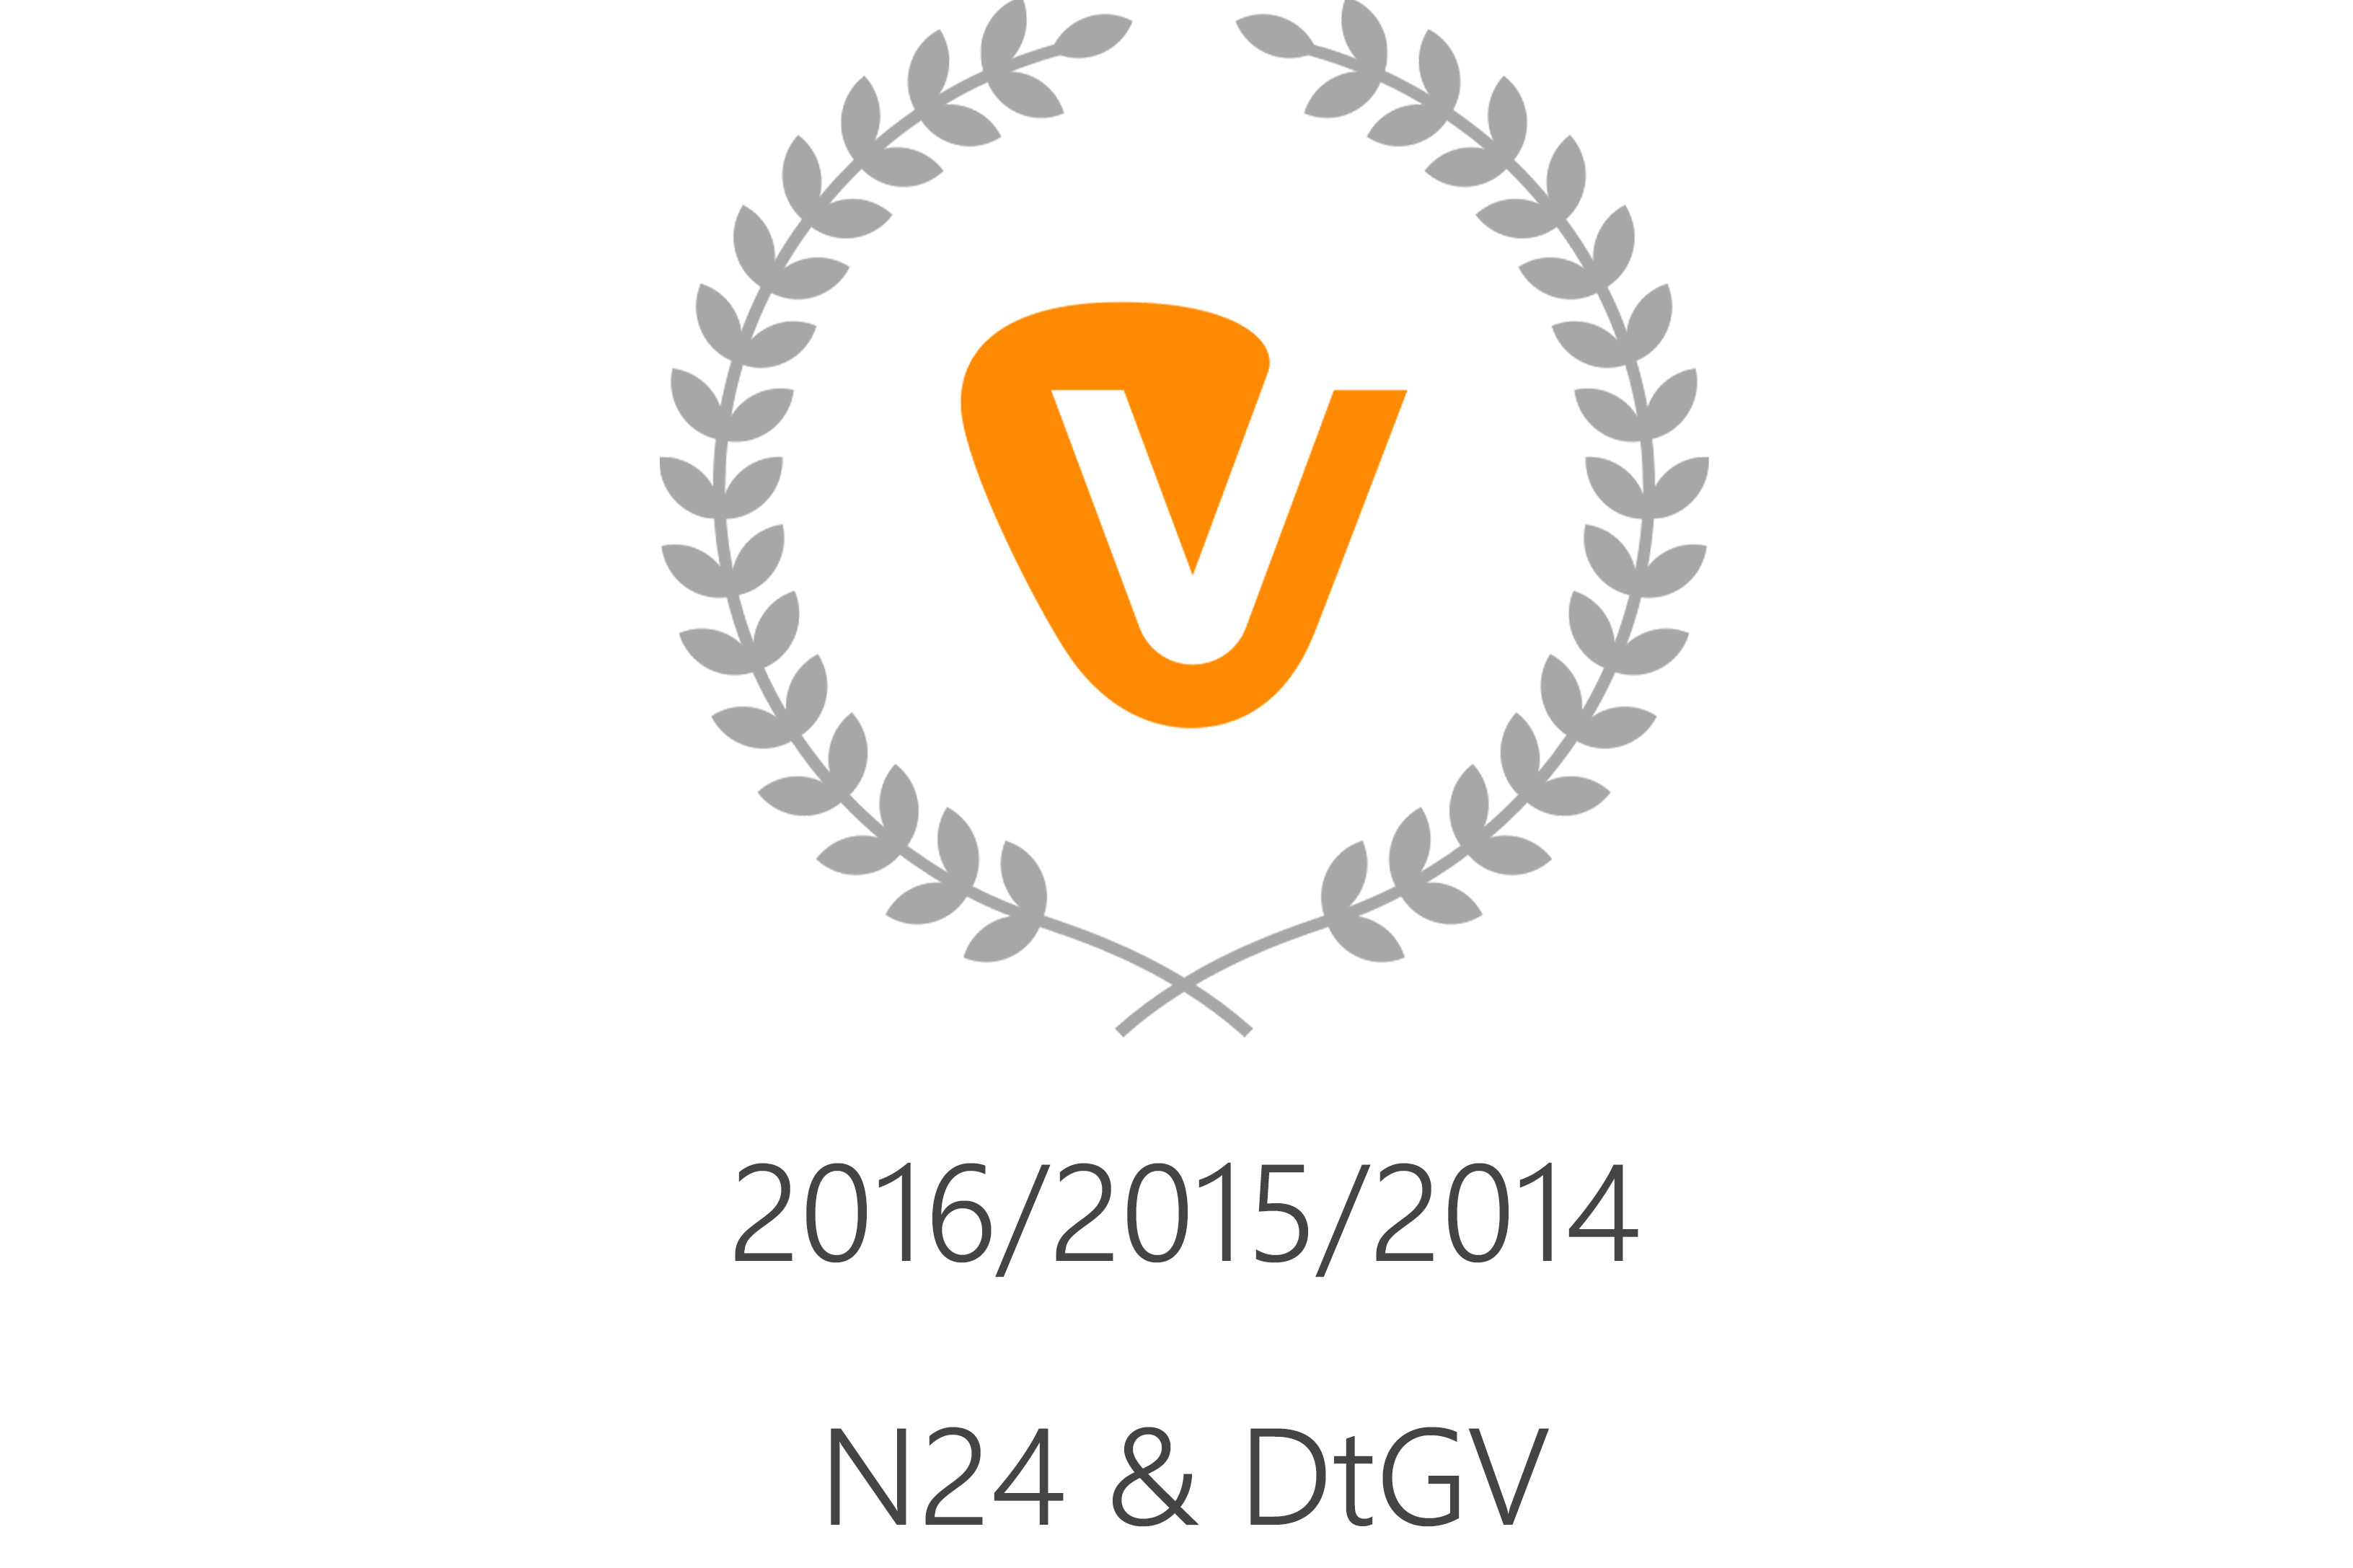 N24-und-DtGV_2016-2015-2014